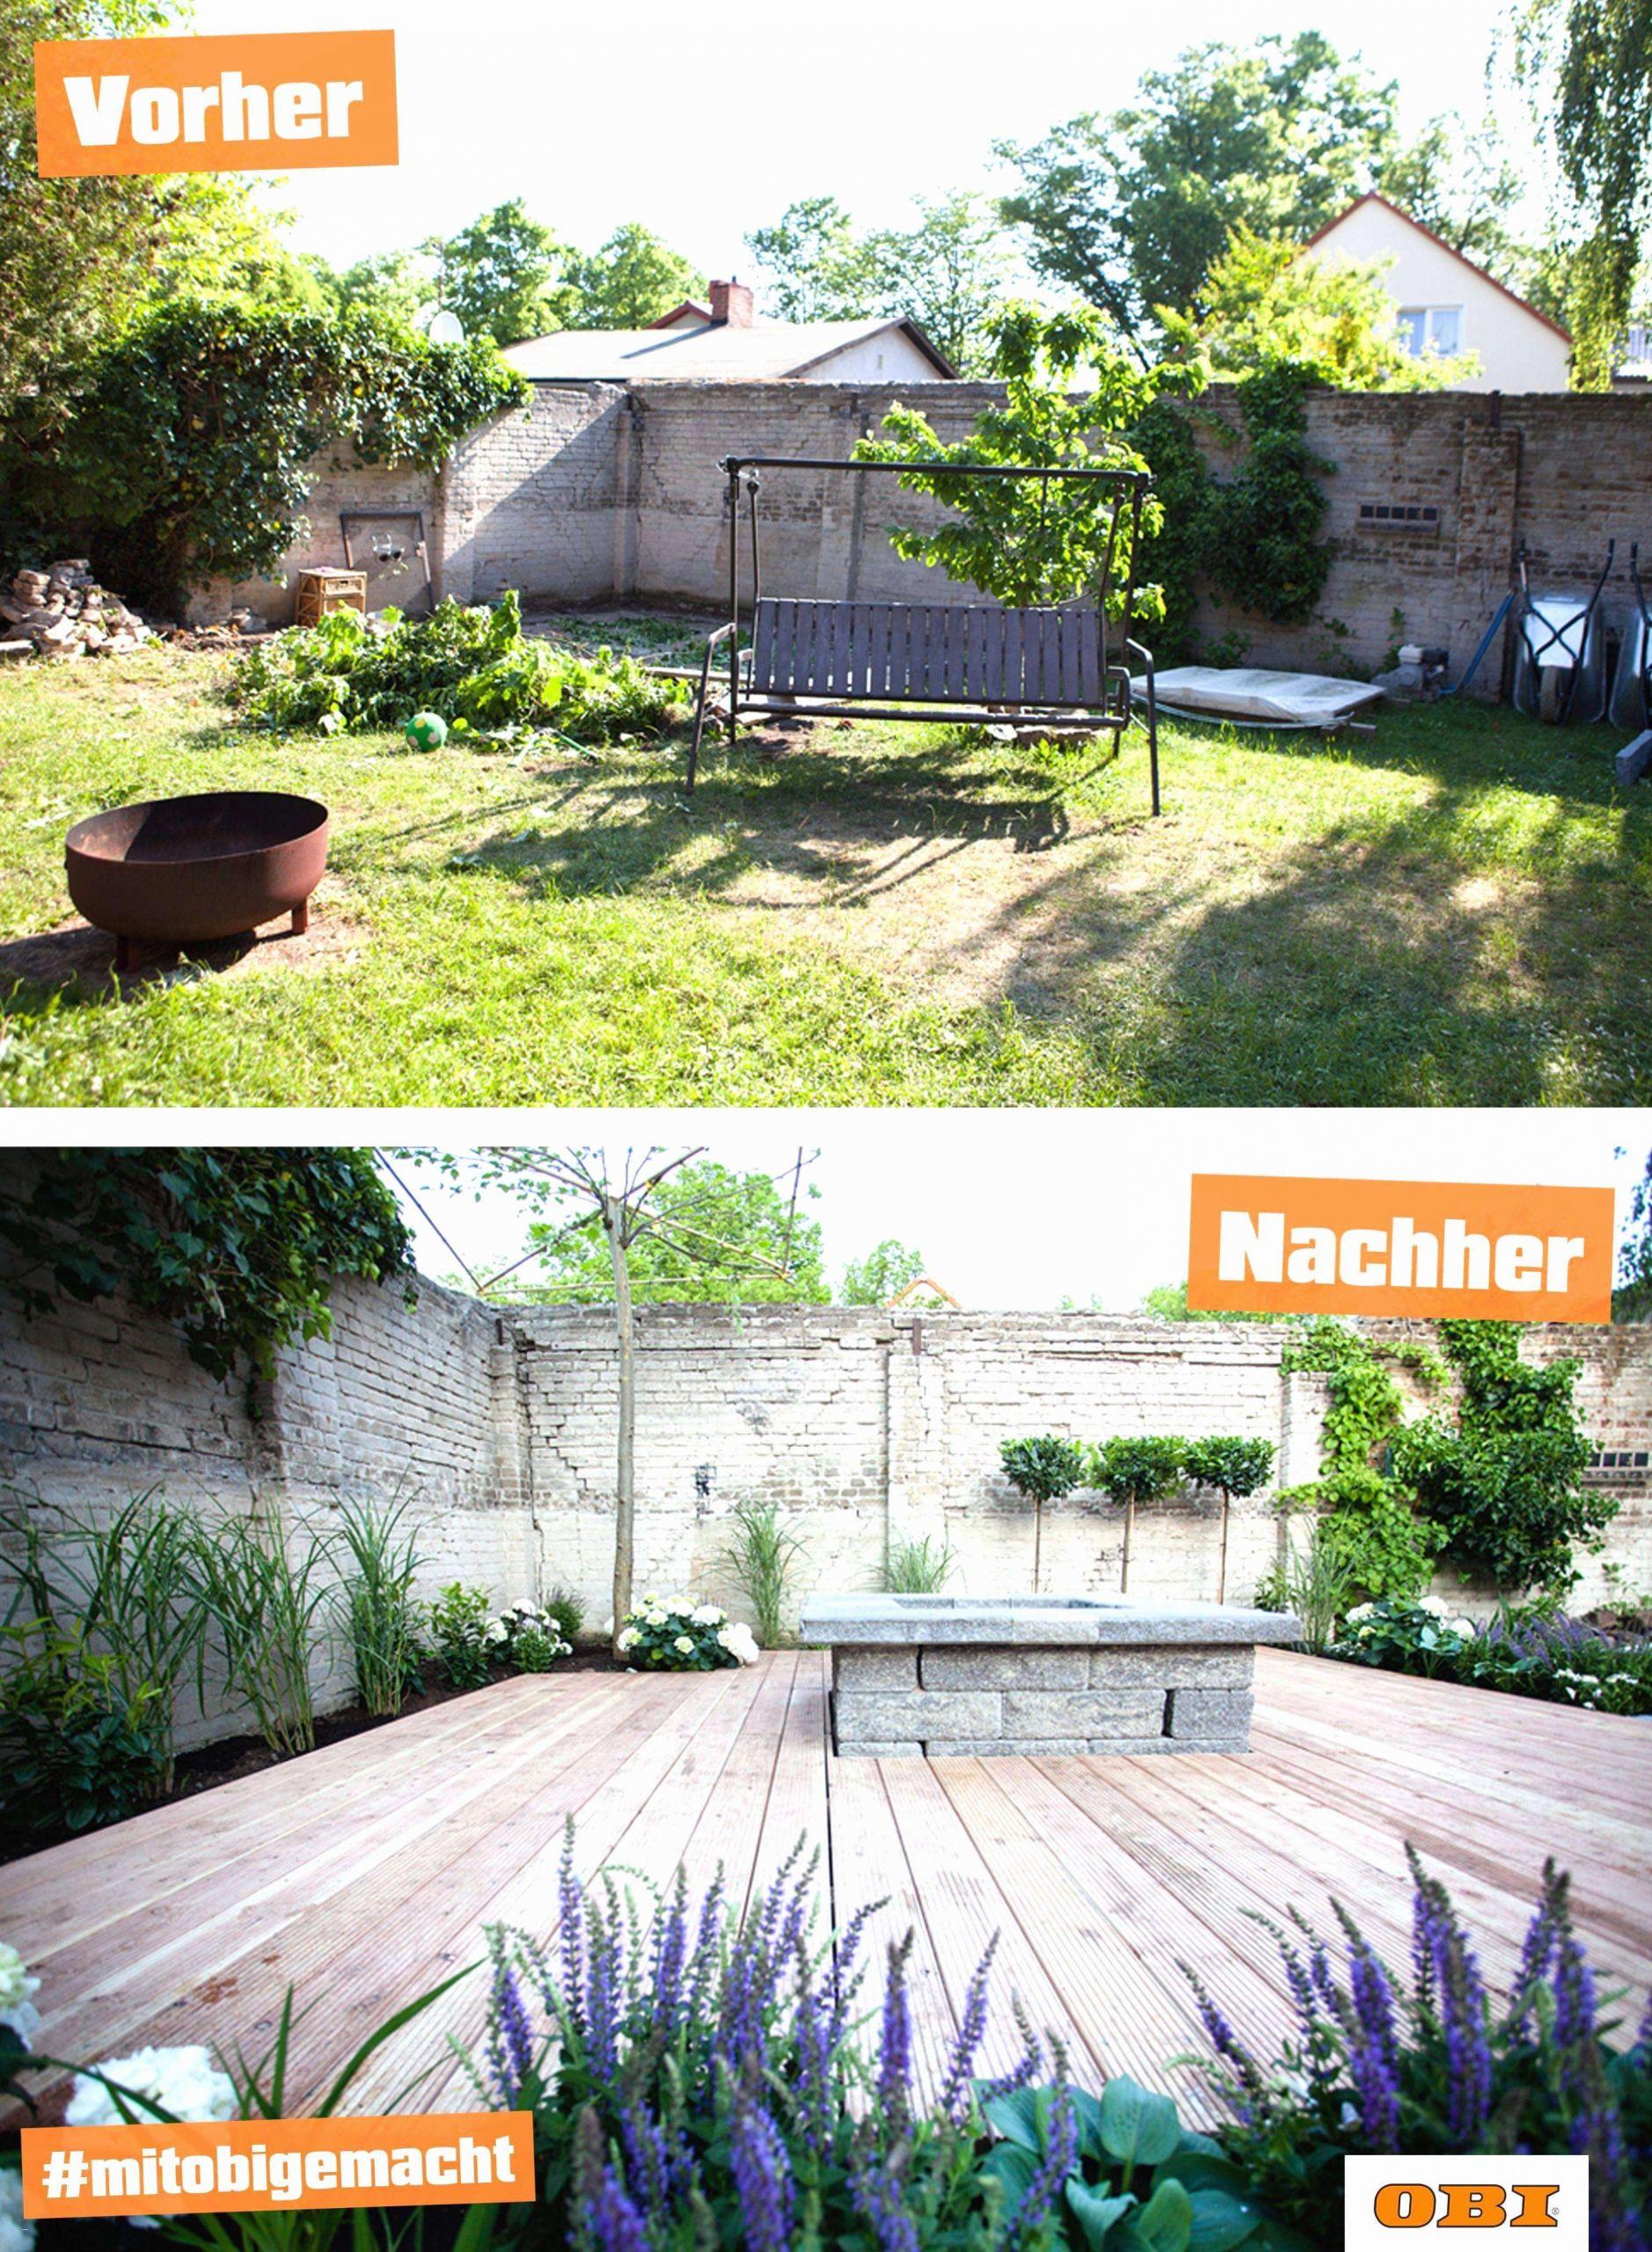 Gartengestaltung Modern Ideen Inspirierend Gartengestaltung Ideen Mit Steinen — Temobardz Home Blog